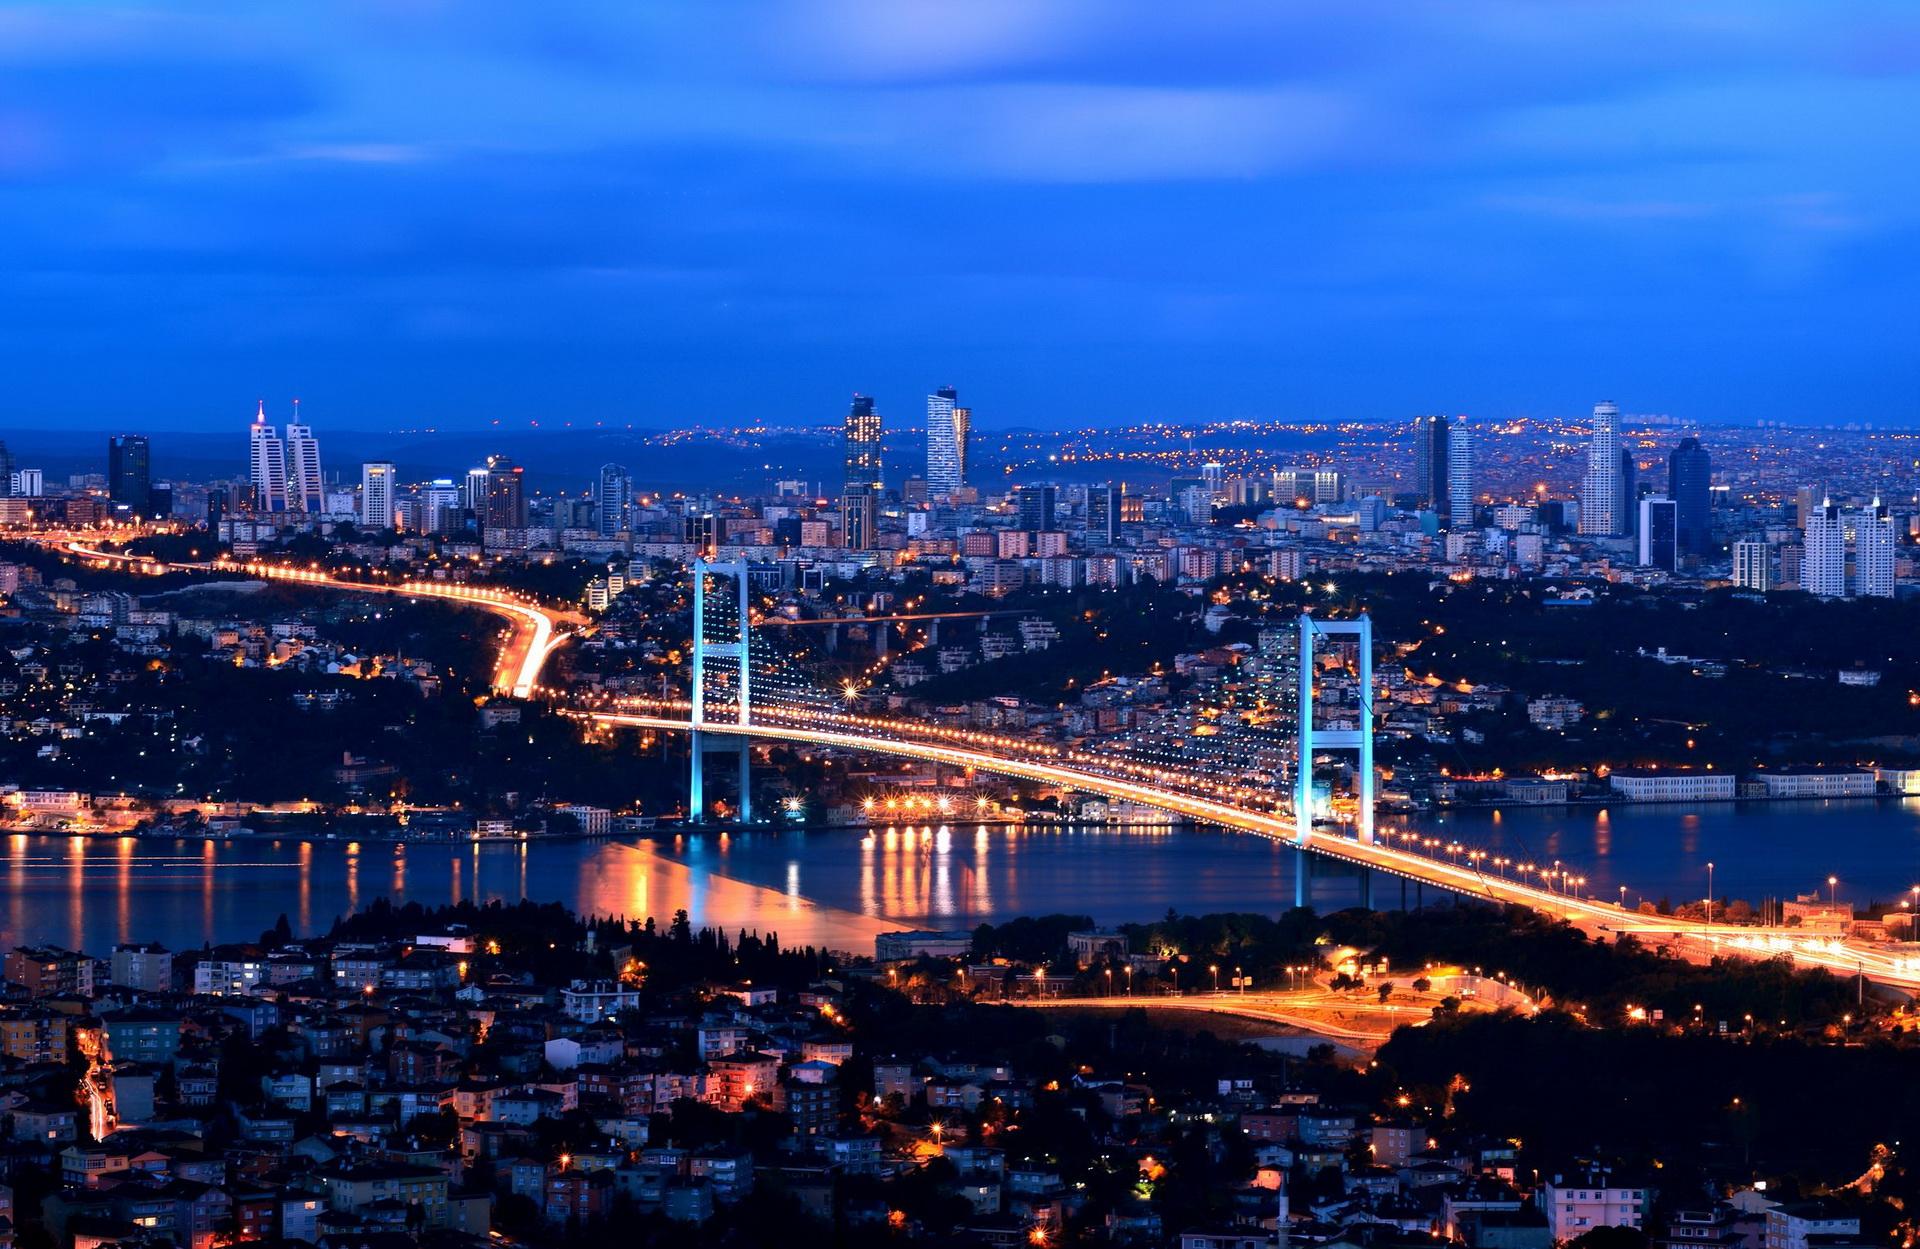 Super Reducere 1 Mai 2019 City Break Istanbul din Bucuresti 3 nopti la de la 289 Euro/persoana!